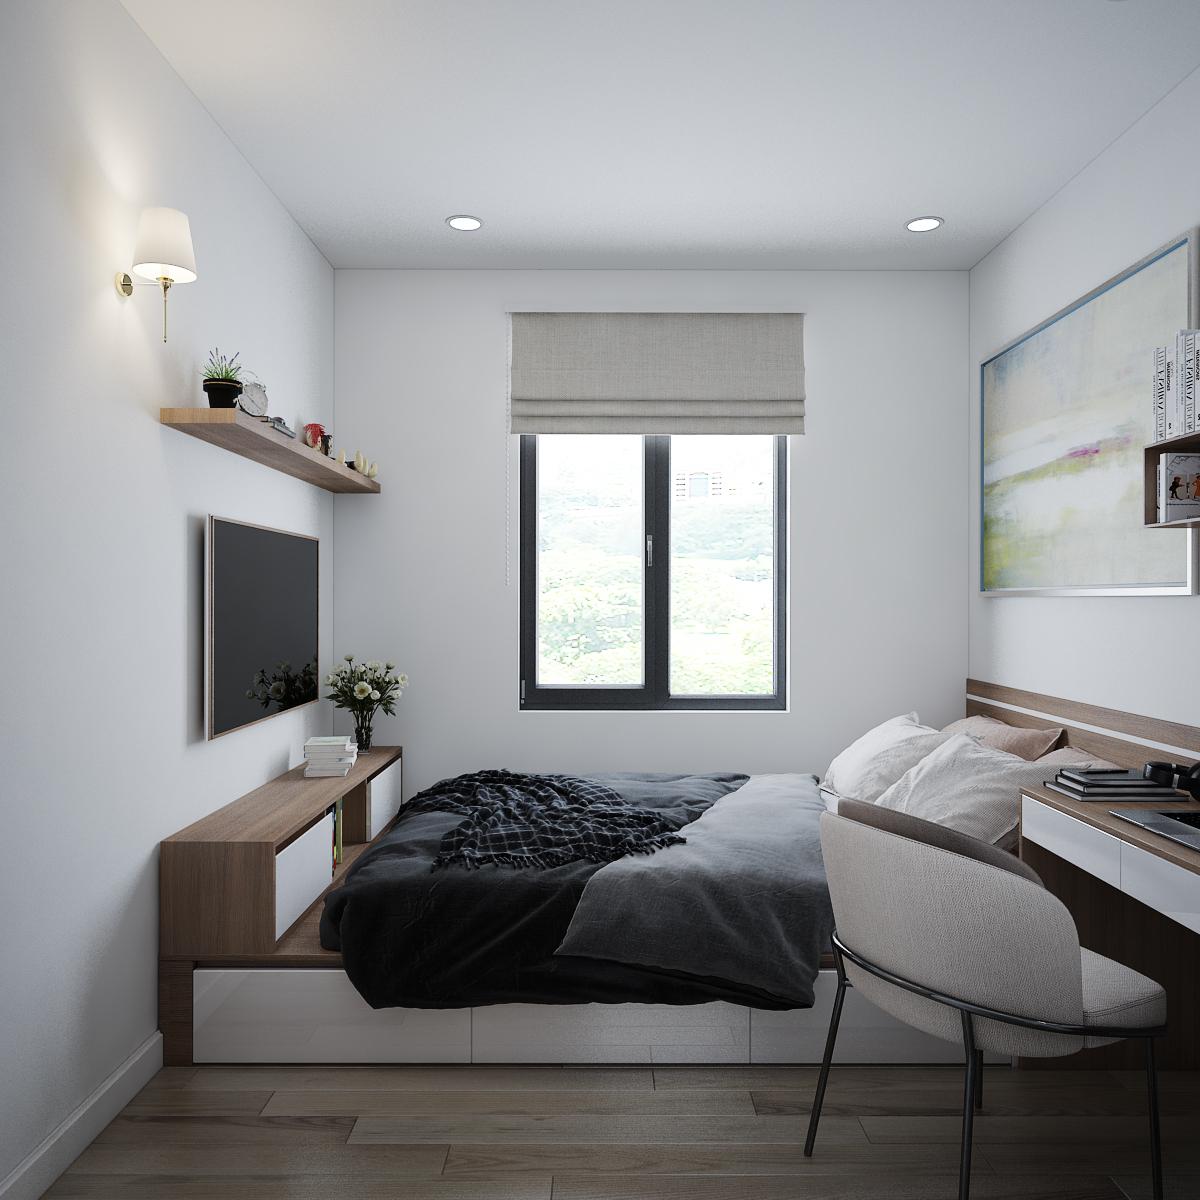 Thiết kế nội thất Chung Cư tại Hồ Chí Minh Anh Tú_Hausneo 1576125814 10